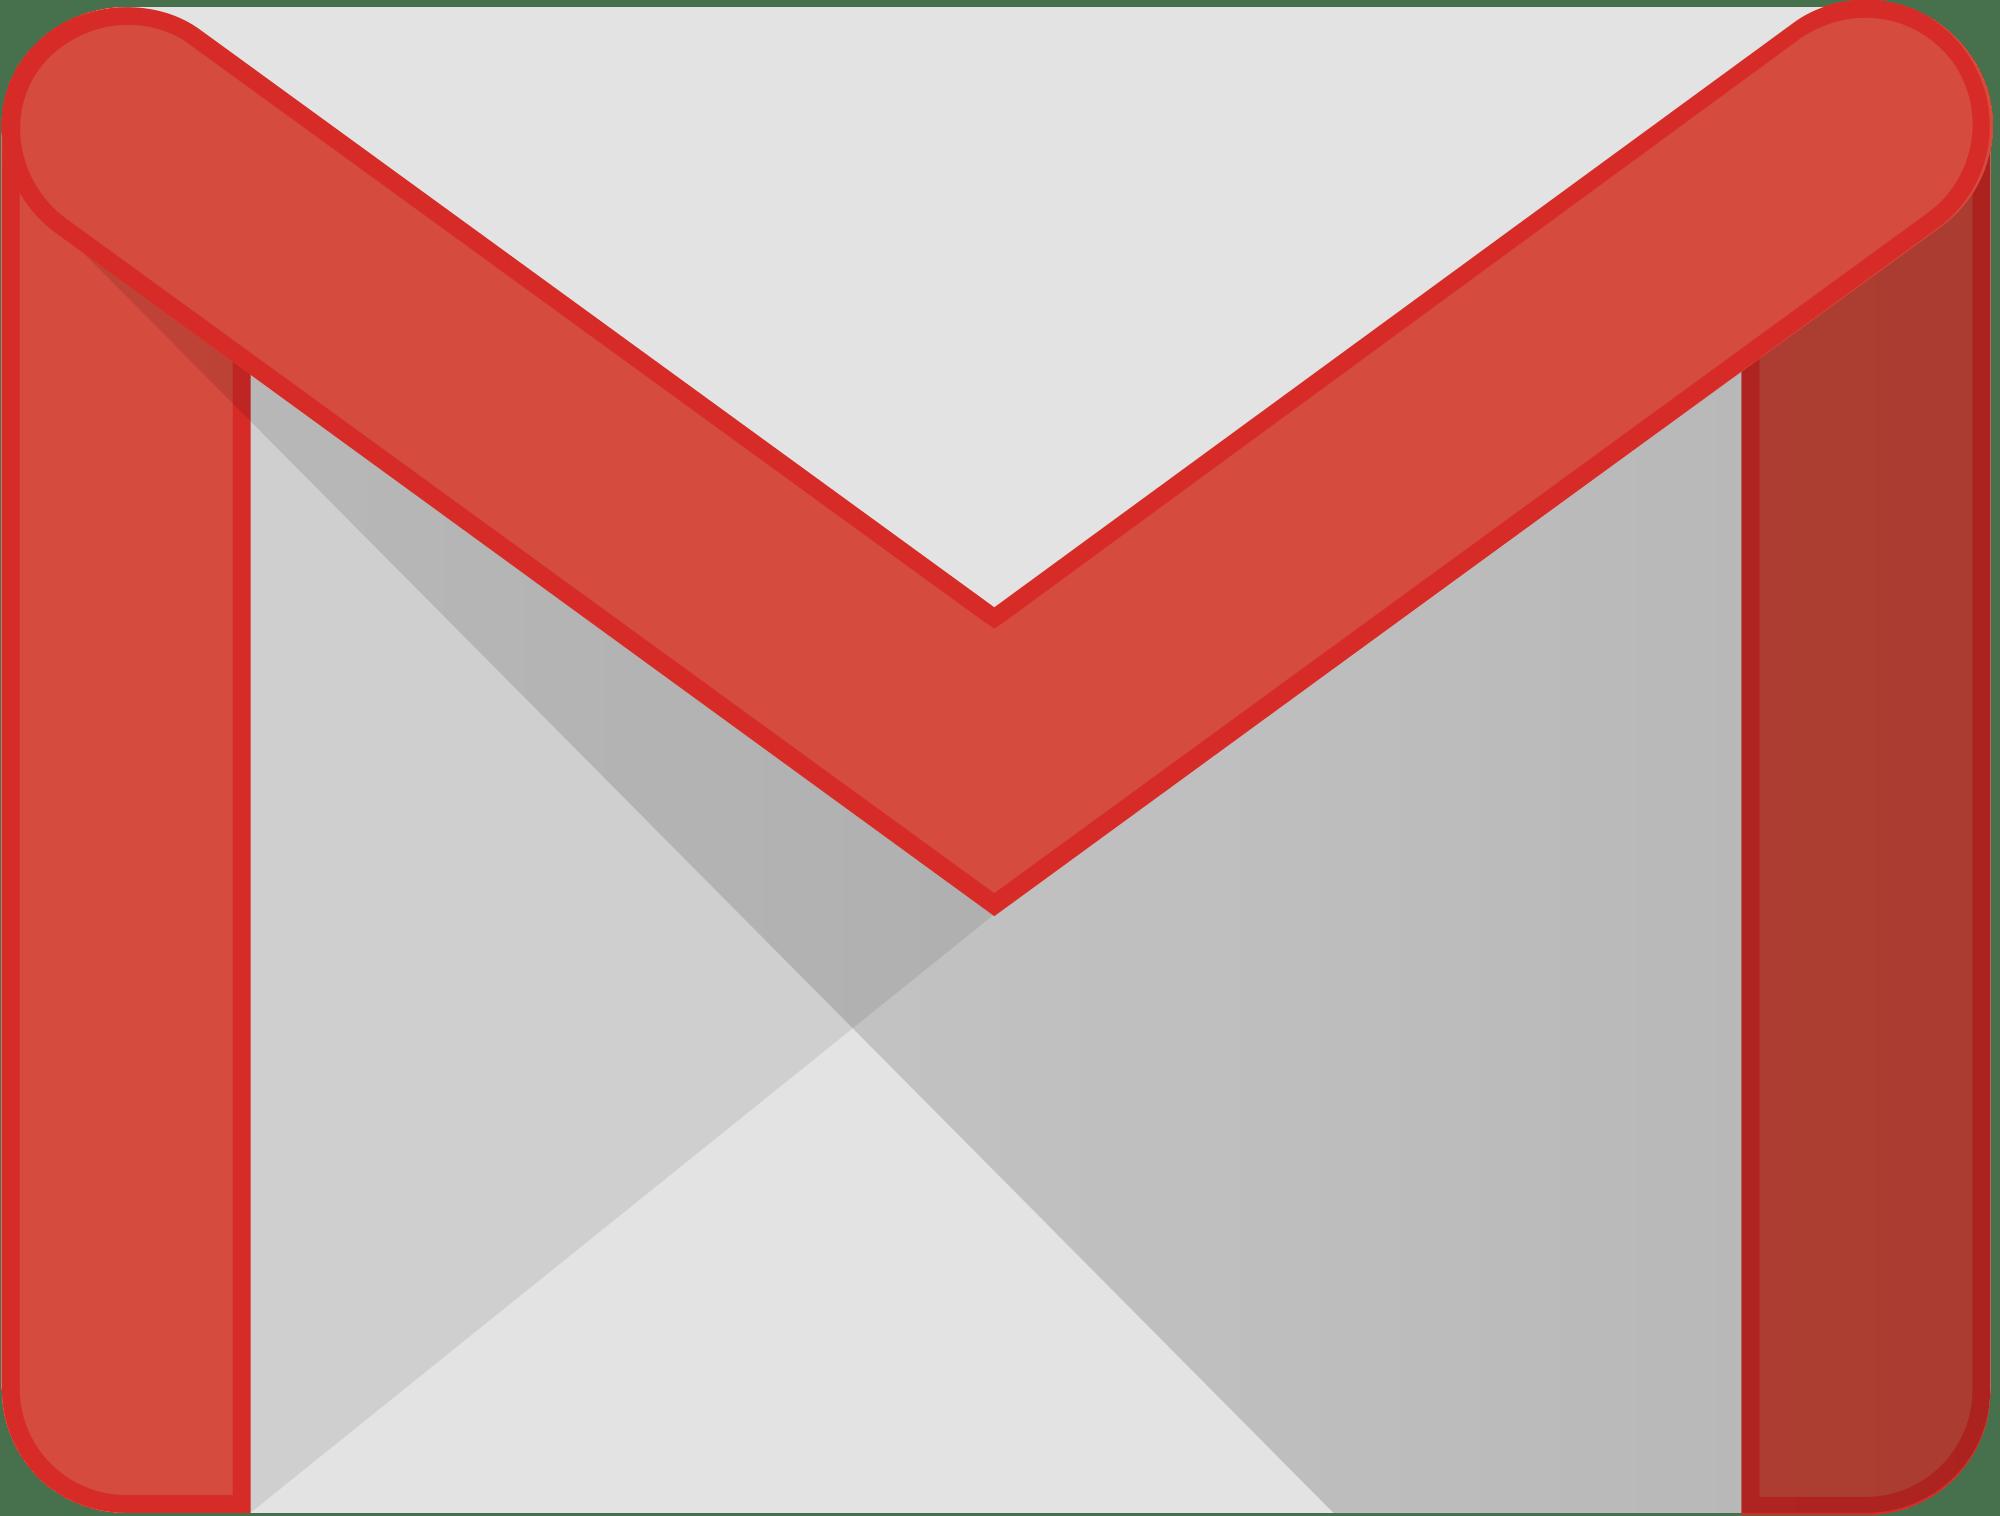 Cómo adjuntar archivos en Gmail Android. Gmail para Android Go